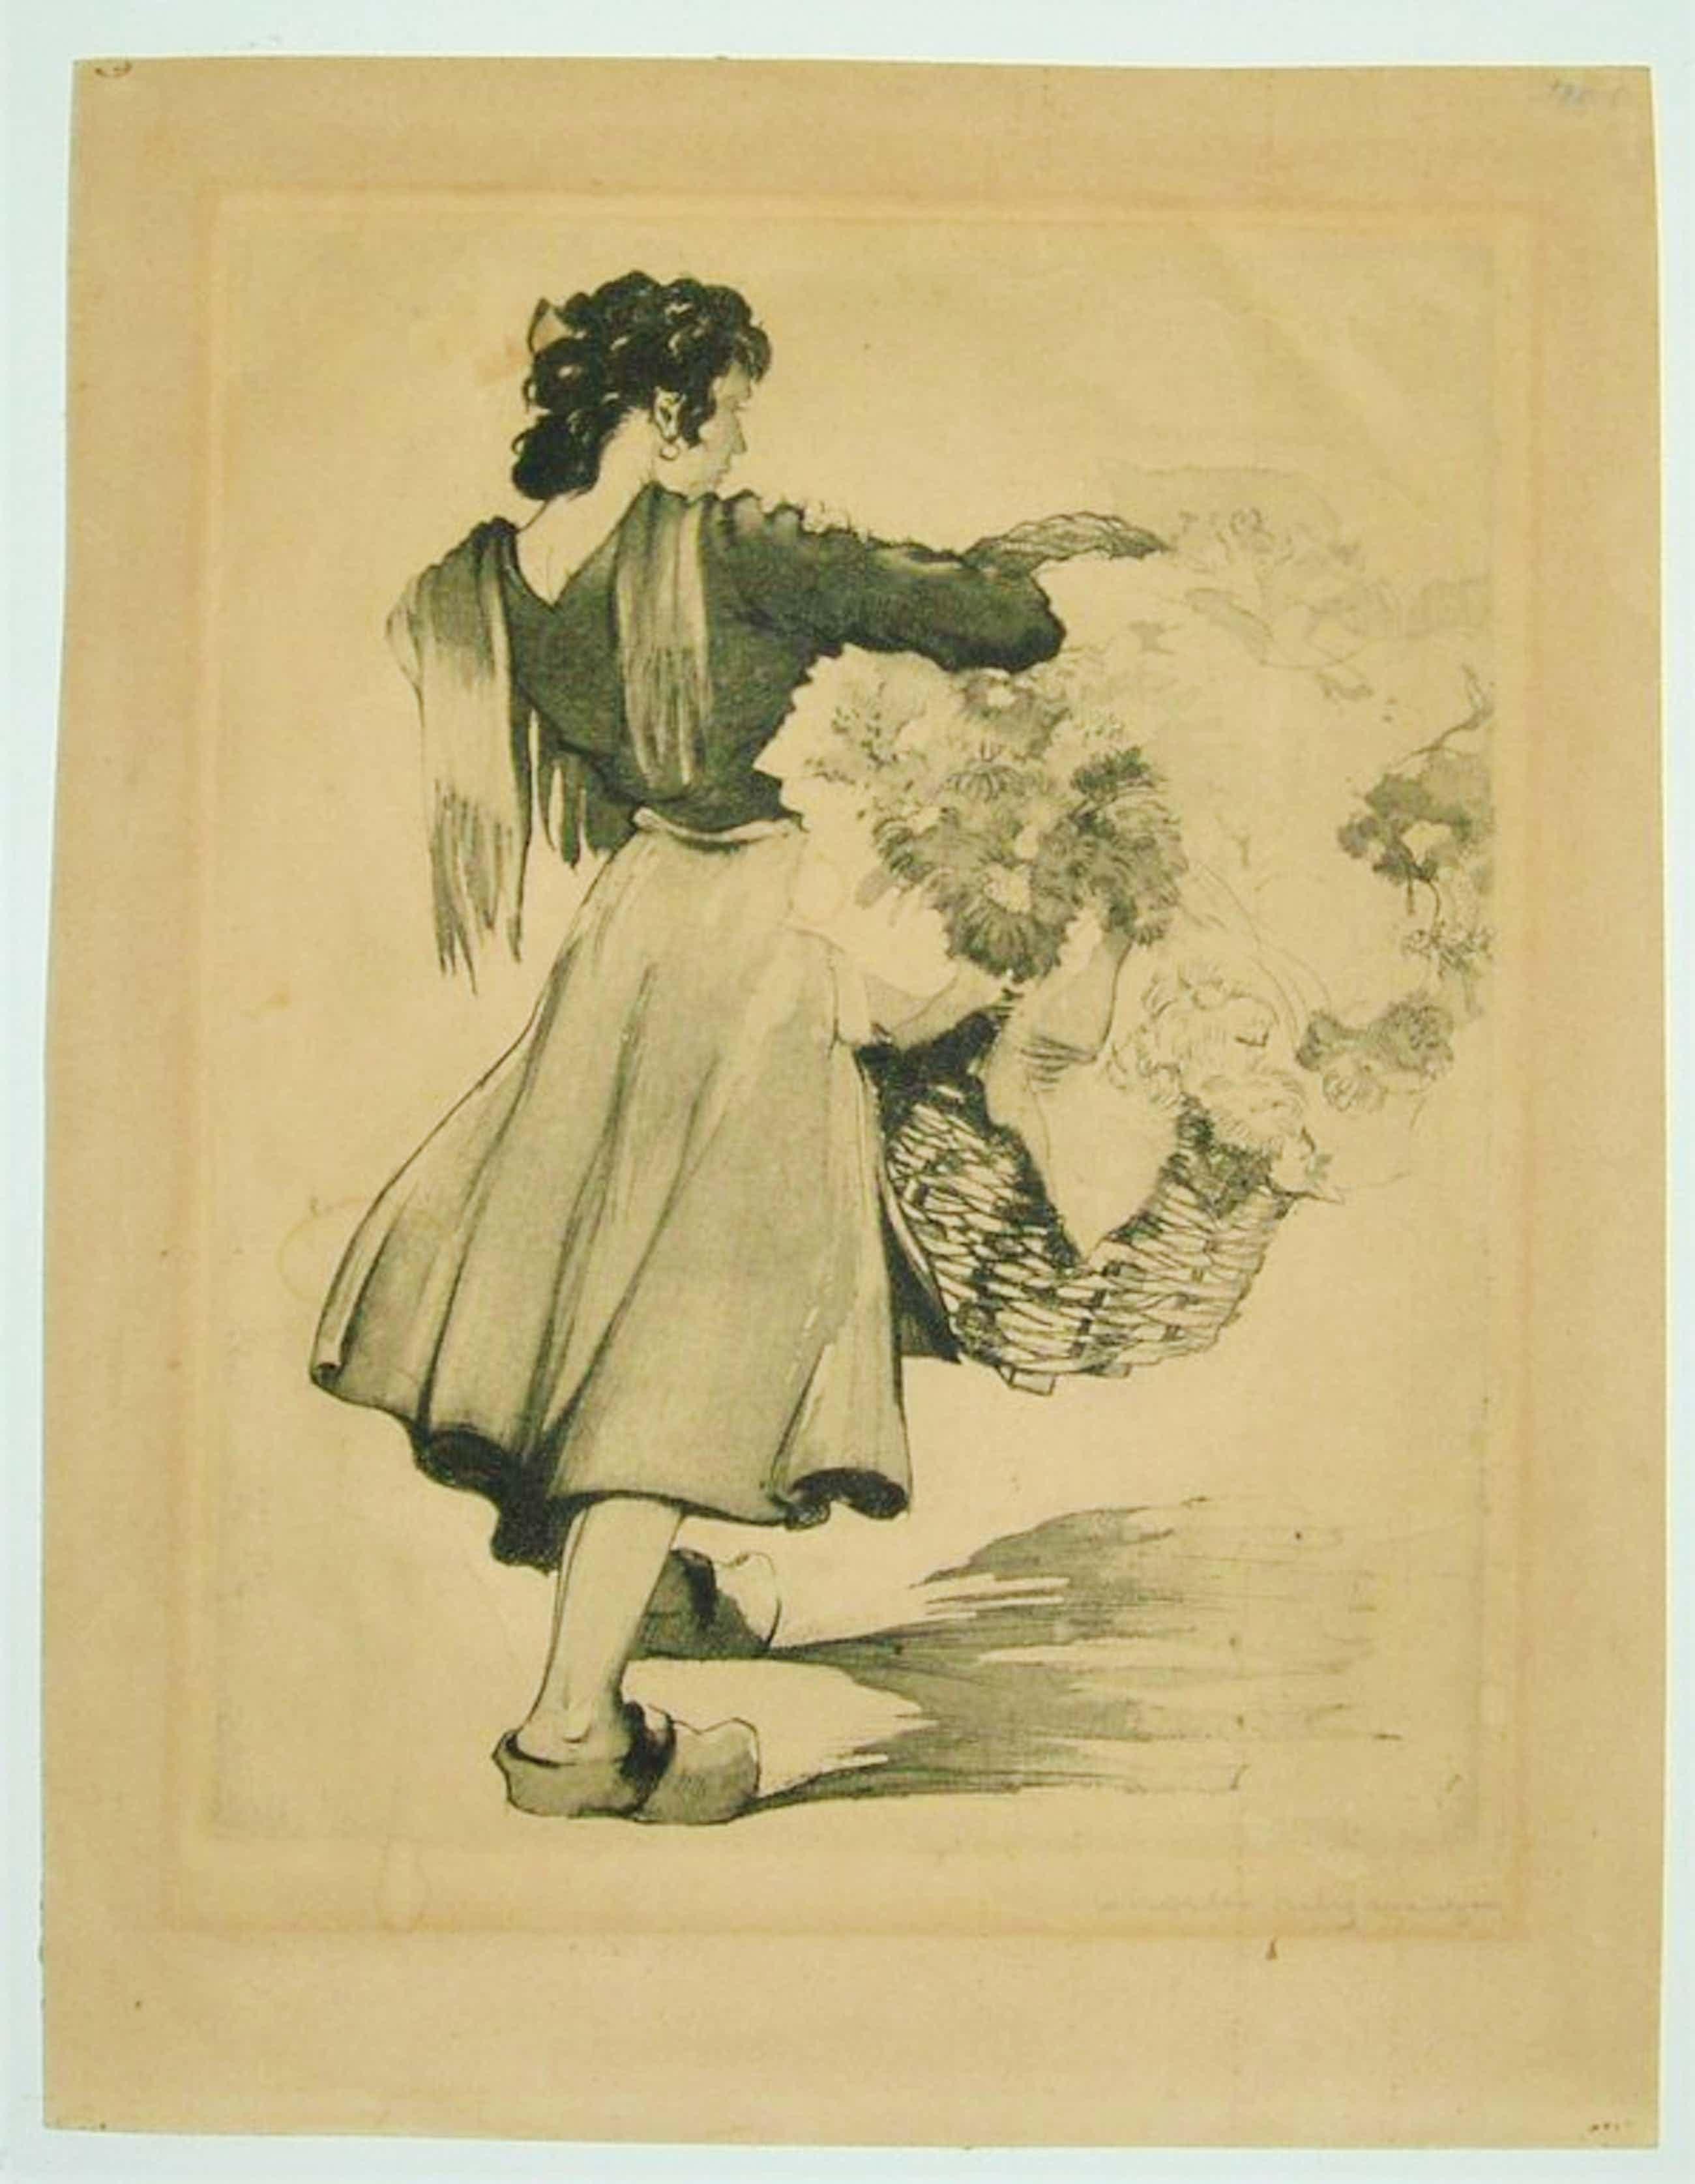 Charles Swyncop - Jeune femme au panier de fleurs - ca 1922 - ets, gesigneerd kopen? Bied vanaf 35!